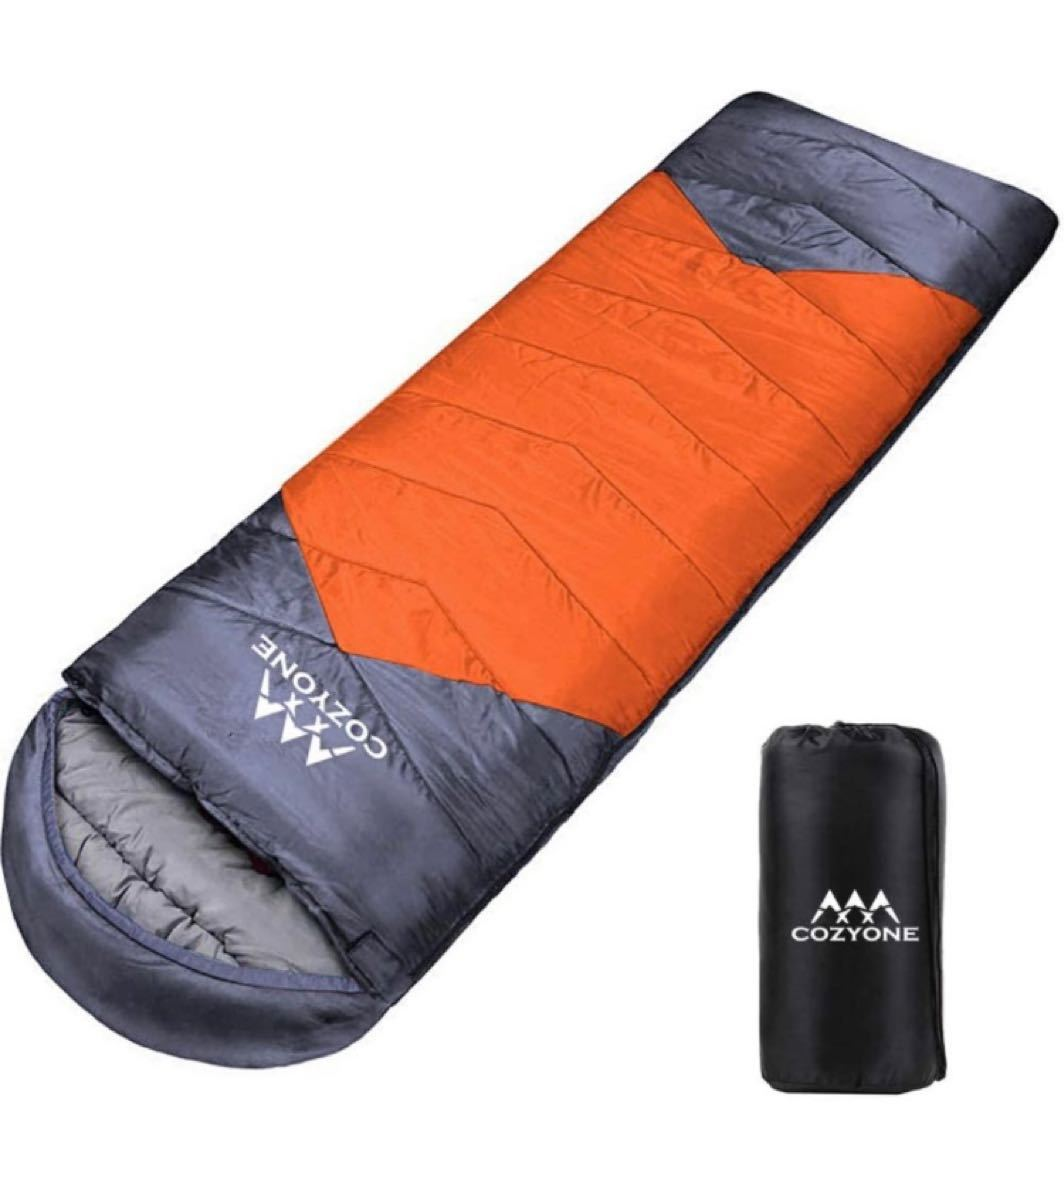 寝袋 シュラフ 封筒型 軽量 保温 210T防水コンパクト アウトドア キャンプ